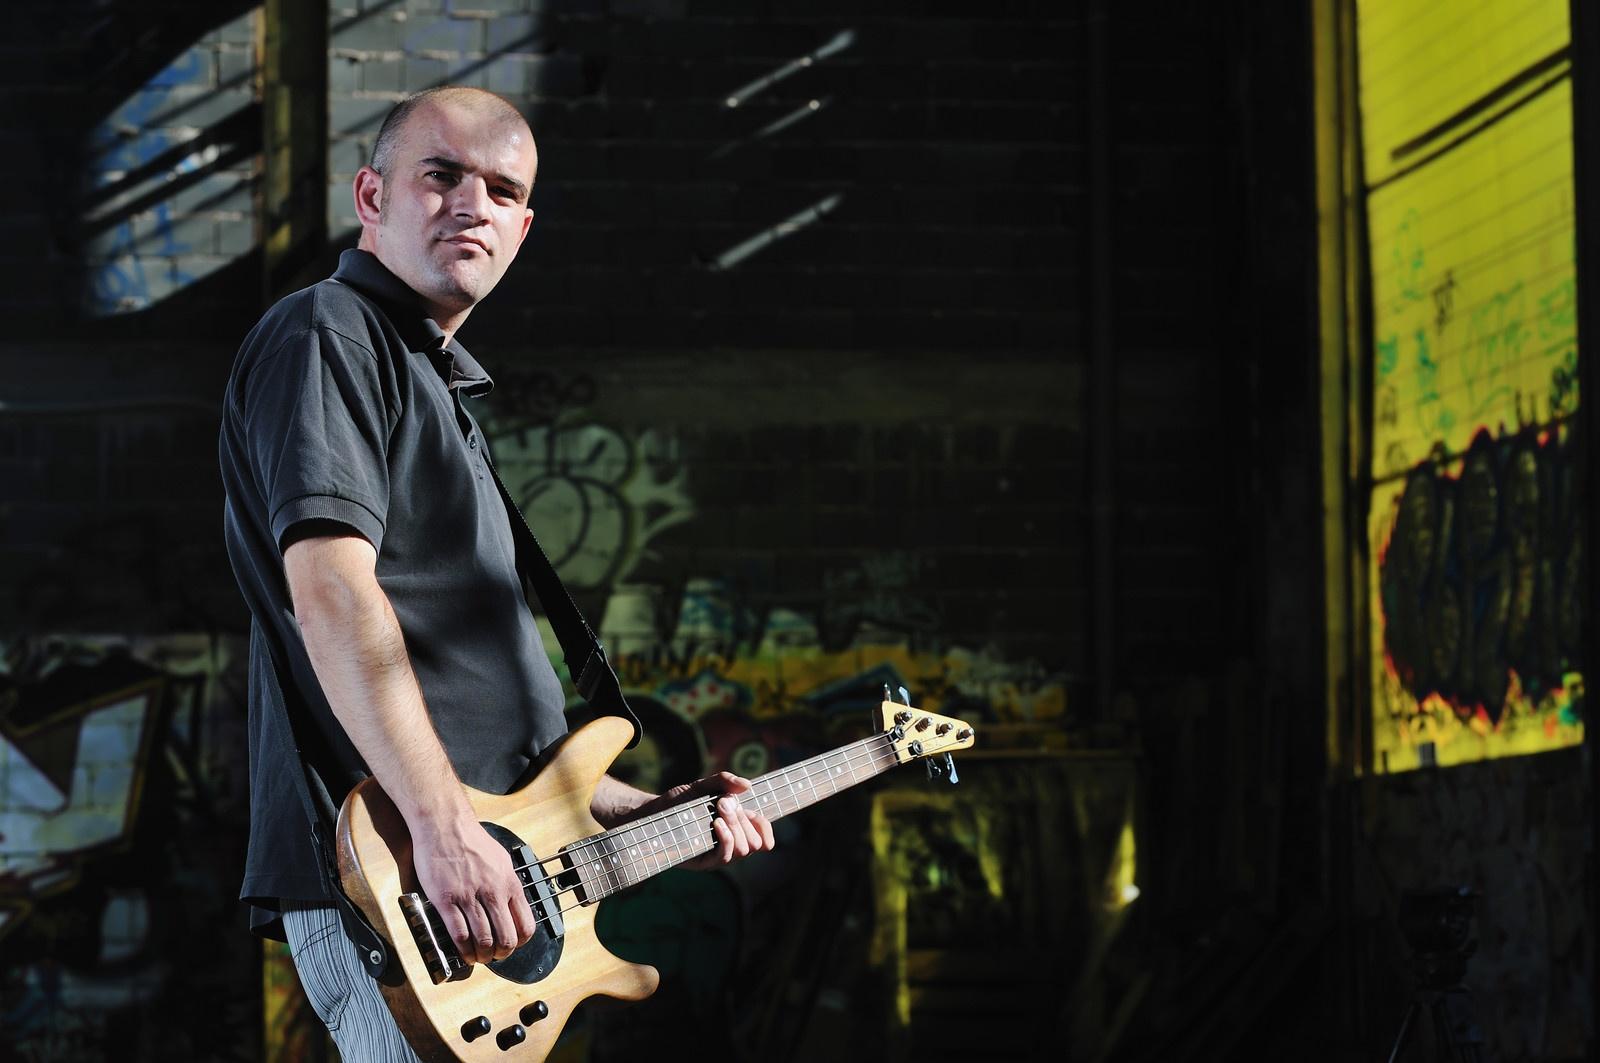 Guitar player concert.jpg